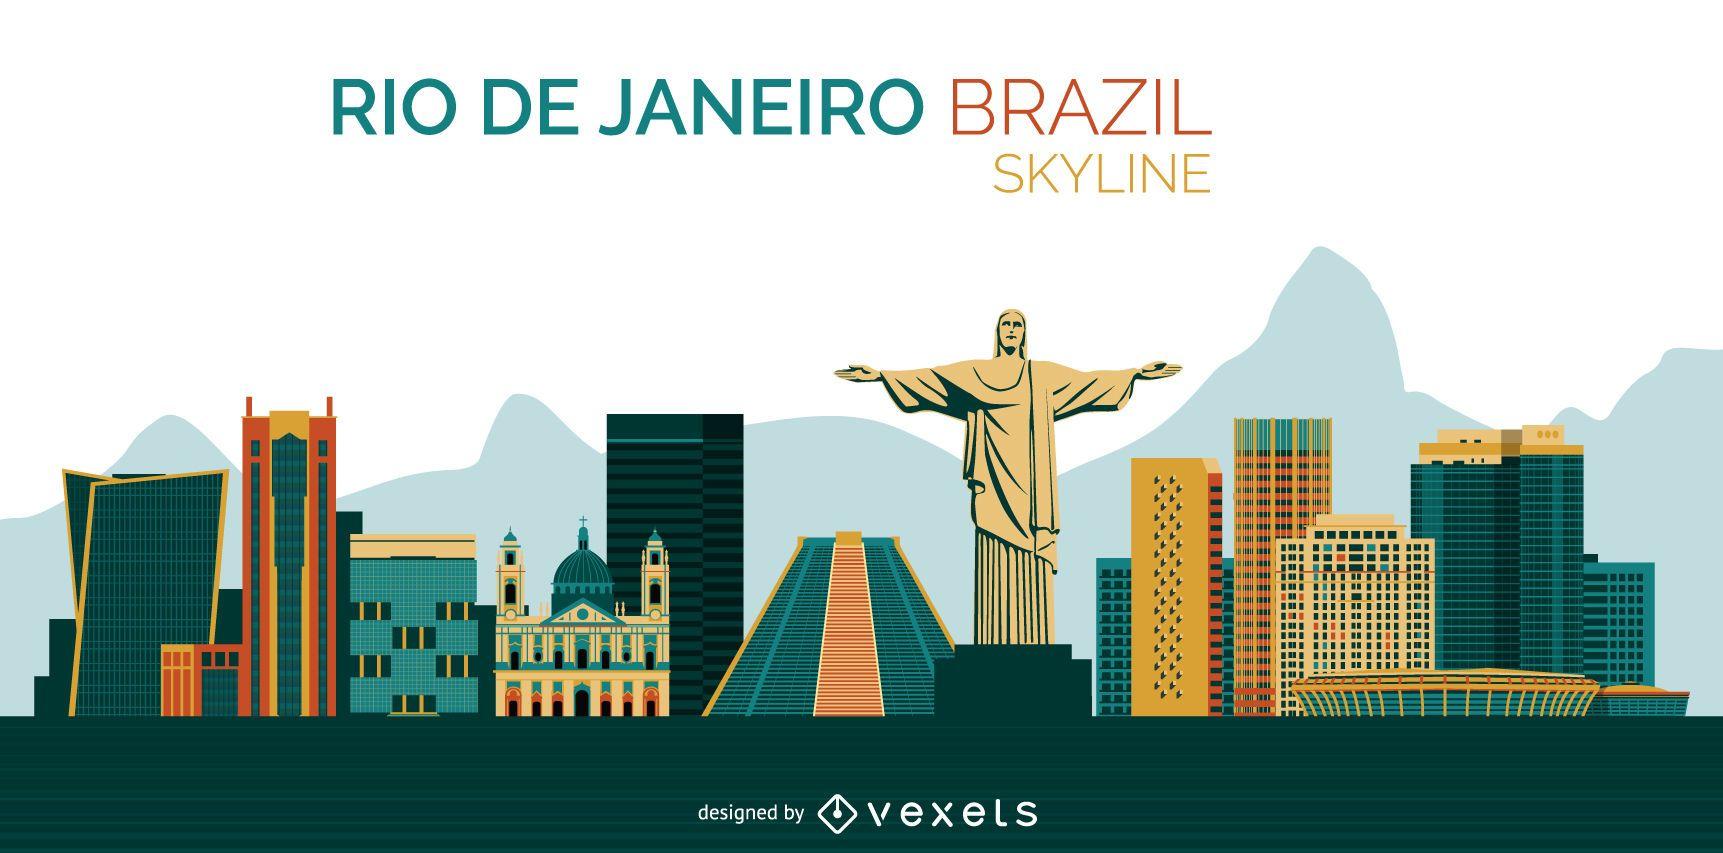 Rio de Janeiro Brazil skyline design